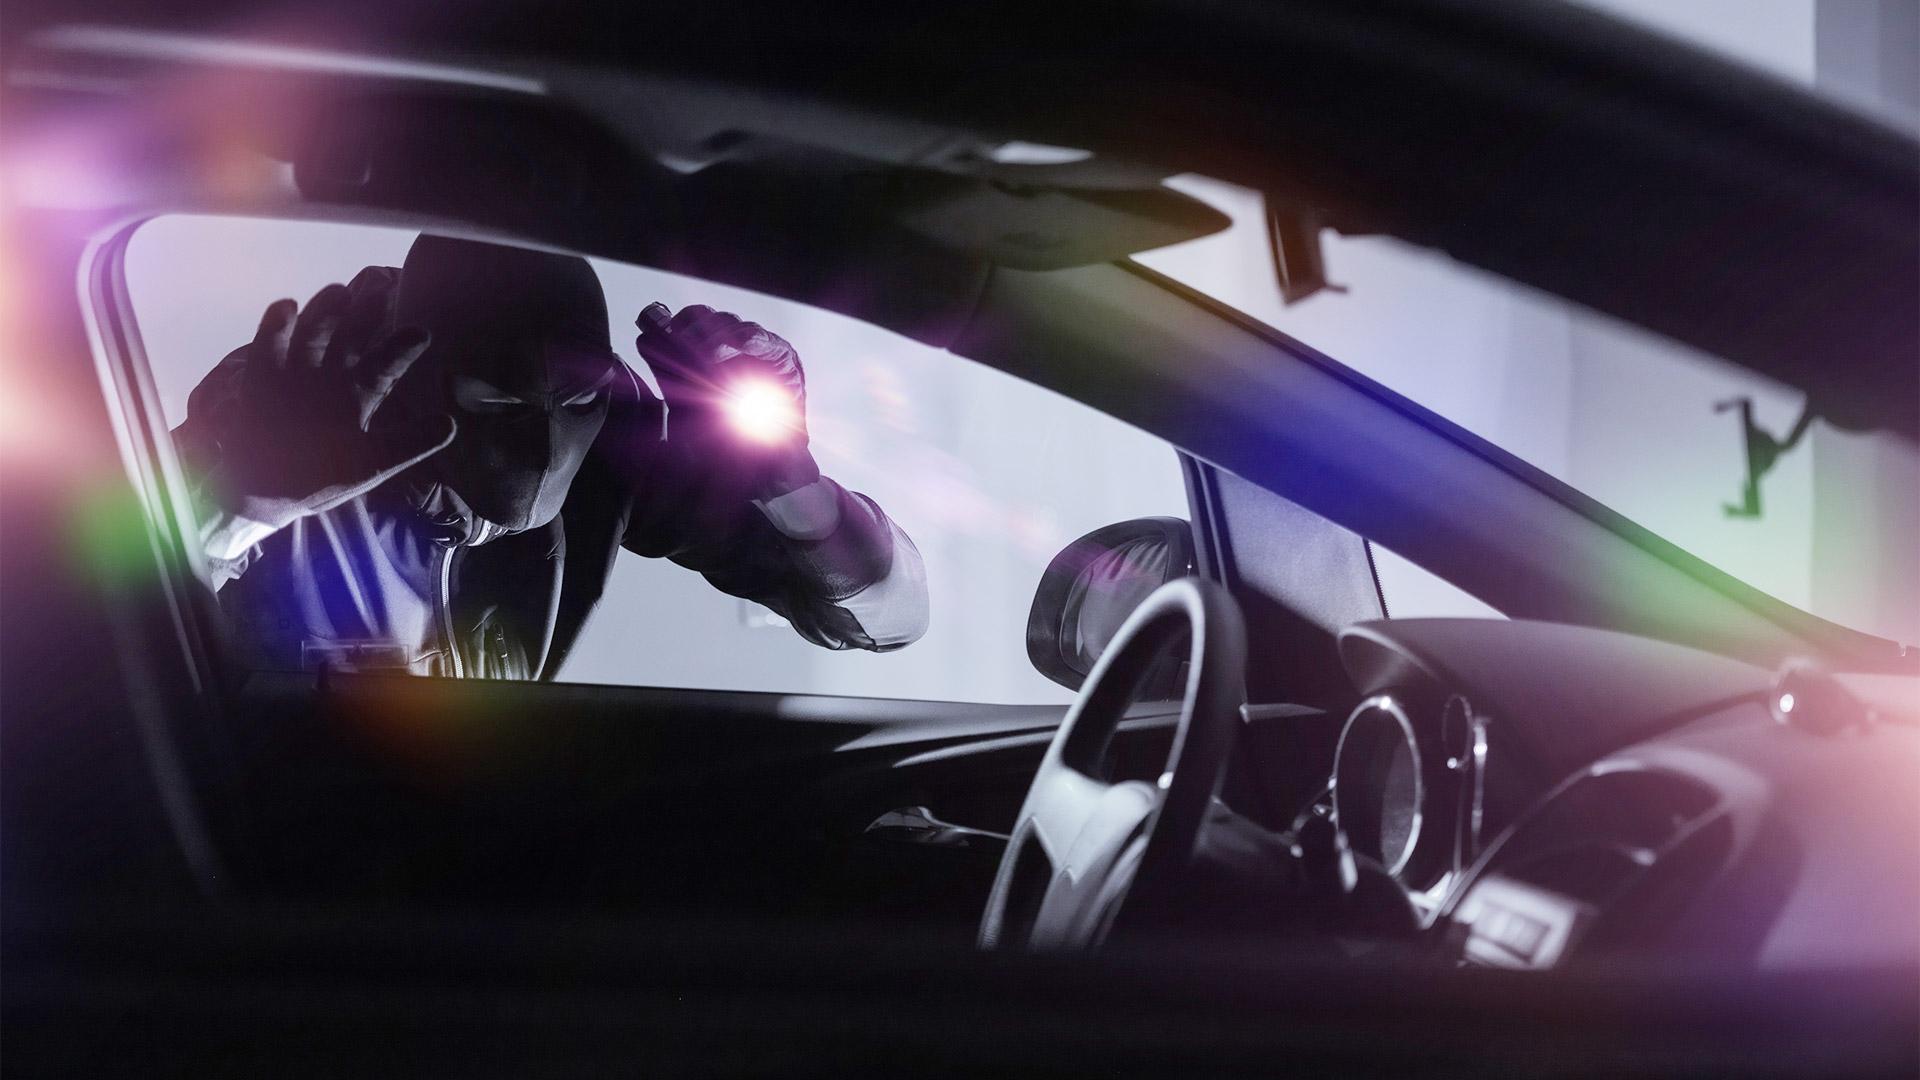 Динамика краж и угонов автотранспорта за последние 5 лет имеет устойчивую тенденцию к снижению – МВД